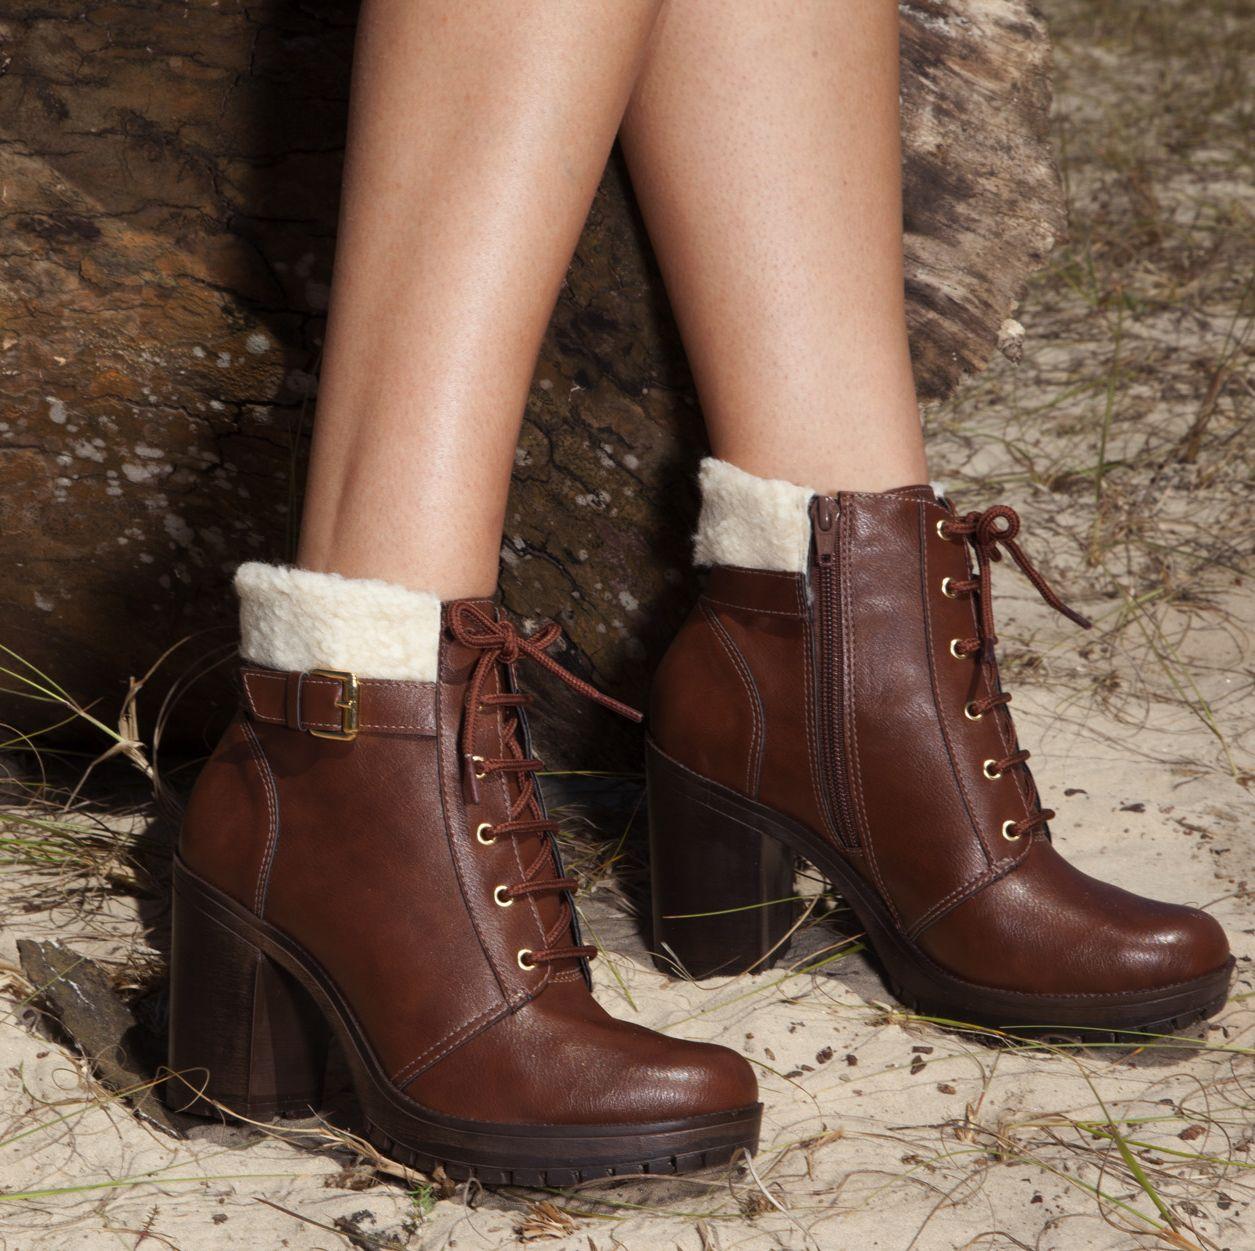 98fa99bfd2 botas de cano curto - coturno de salto alto - winter heels - marrom - boots…